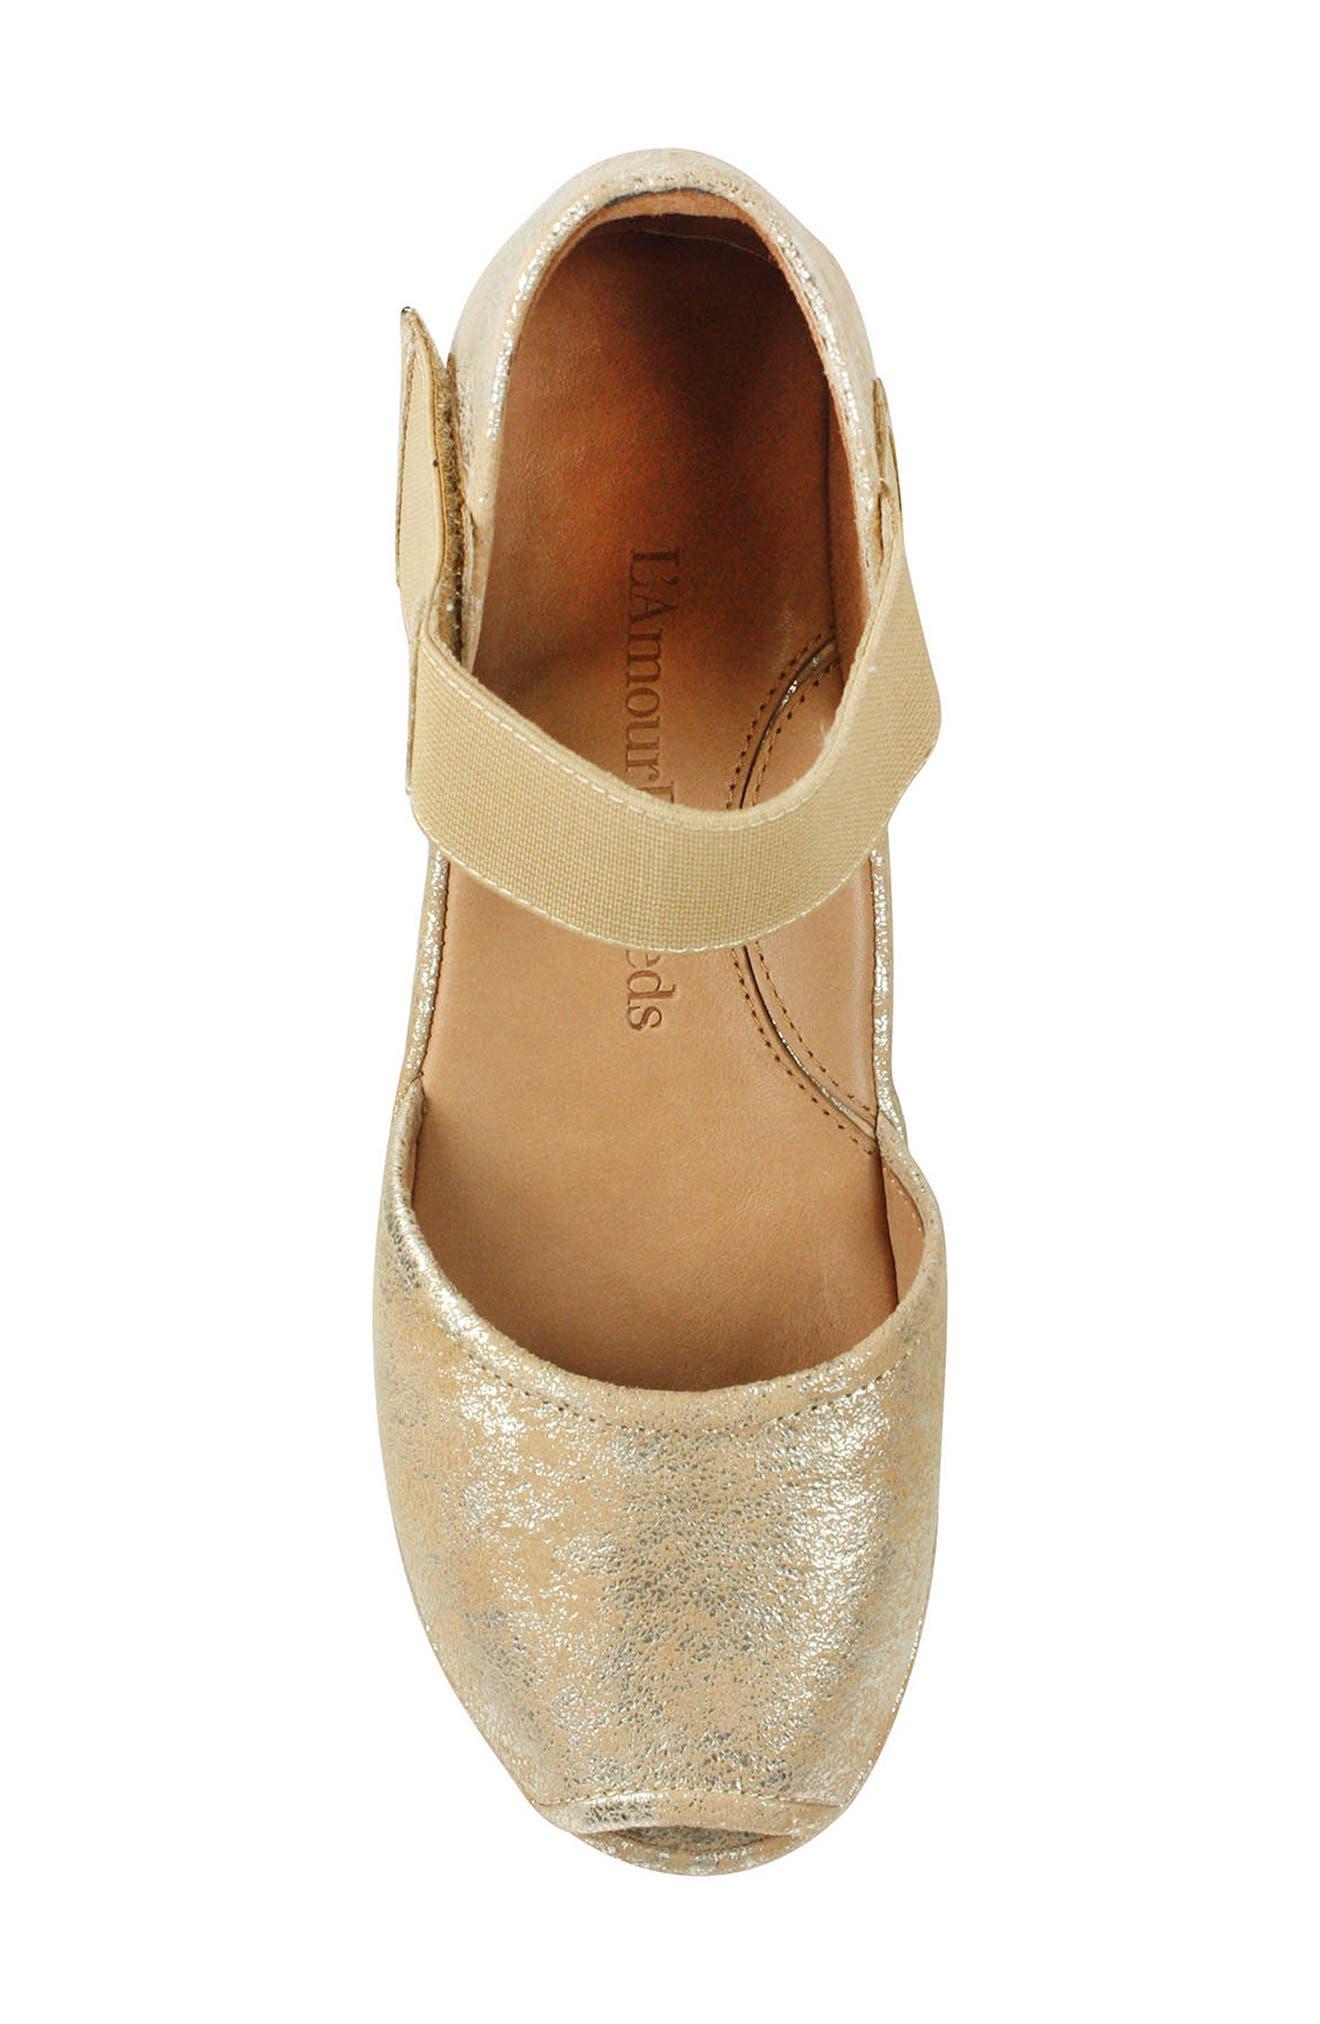 'Amadour' Platform Sandal,                             Alternate thumbnail 5, color,                             GOLD LEATHER